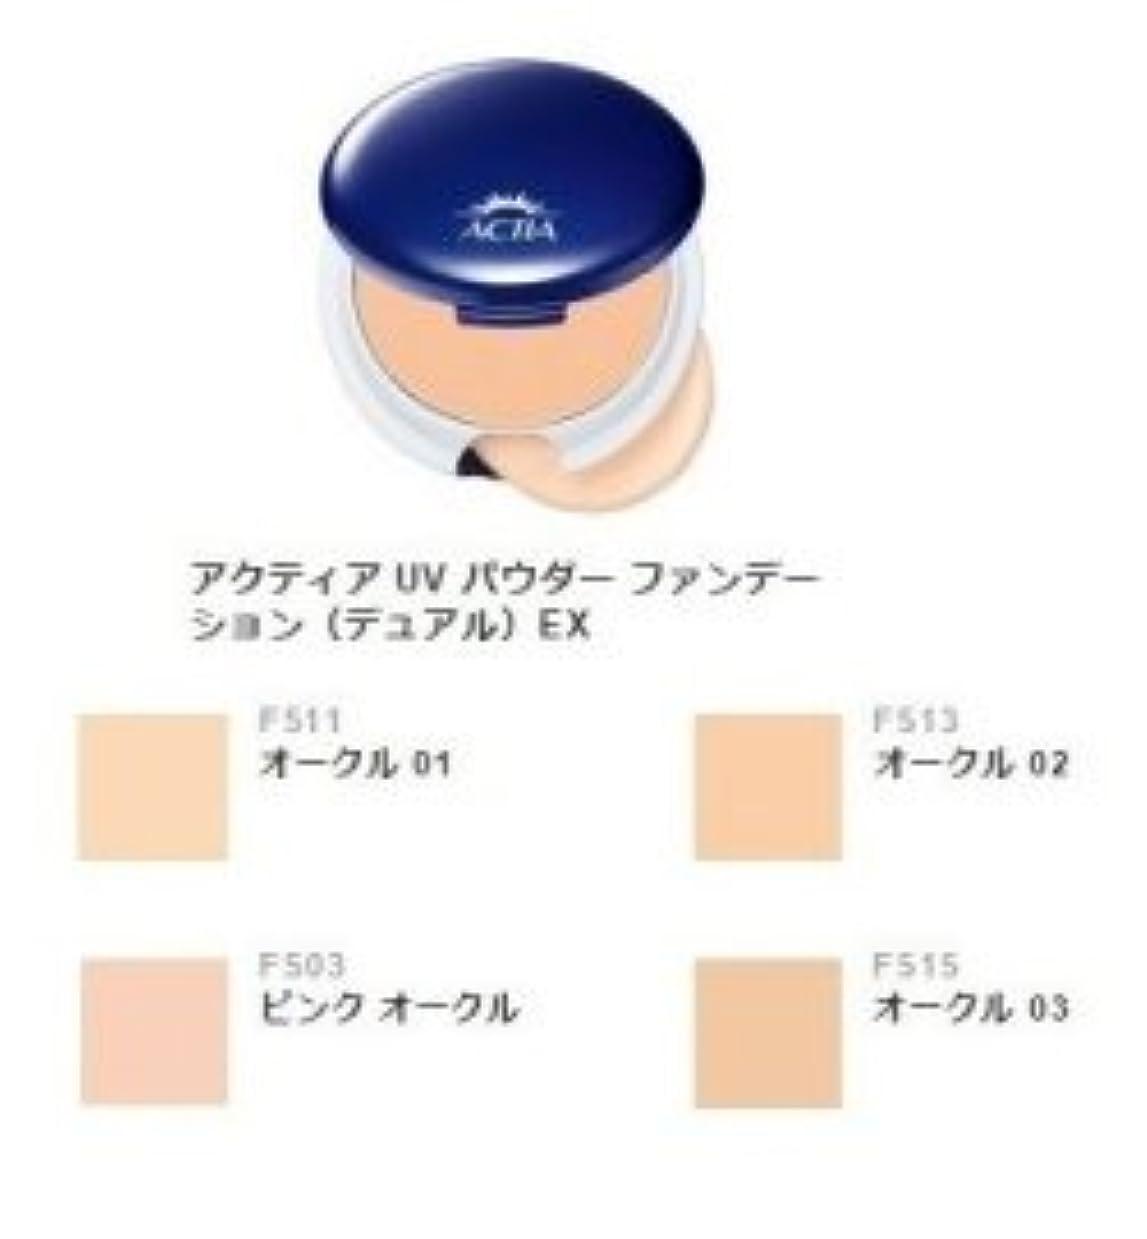 入植者偽善者連想エイボン(AVON) アクティア UV パウダーファンデーション(デュアル)EX(リフィル) F511 オークル01